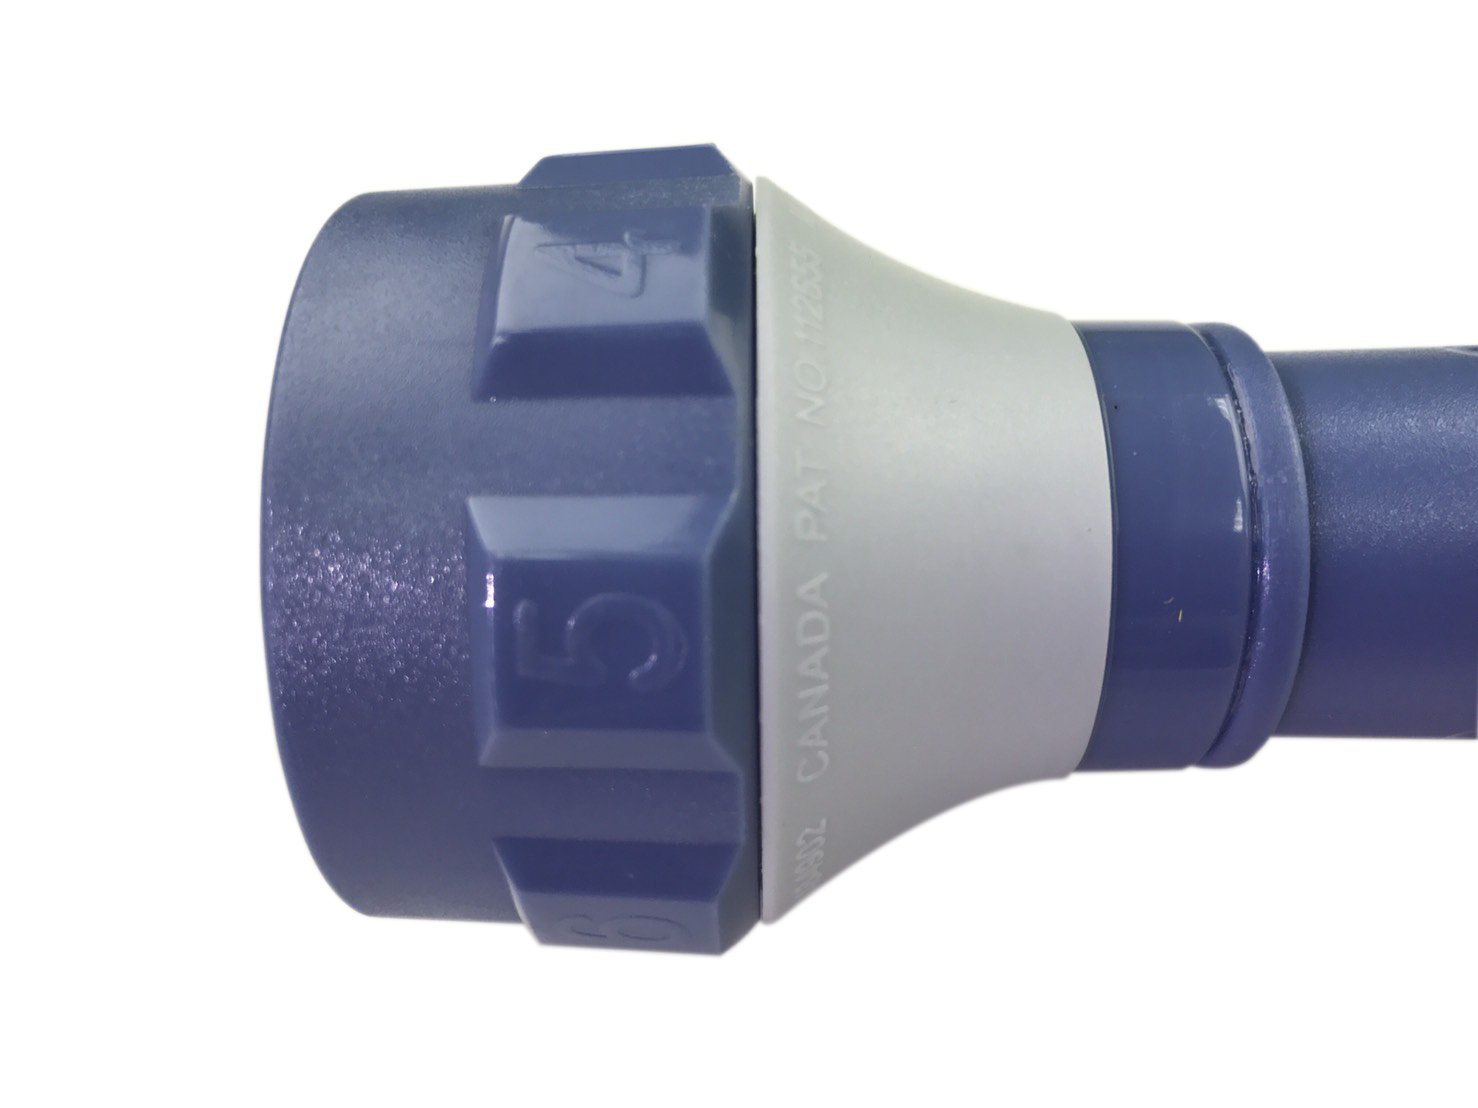 Ez Jet 710308229248 Water Cannon Gun And Soap Dispenser Pressure Wireless Garden Outdoor